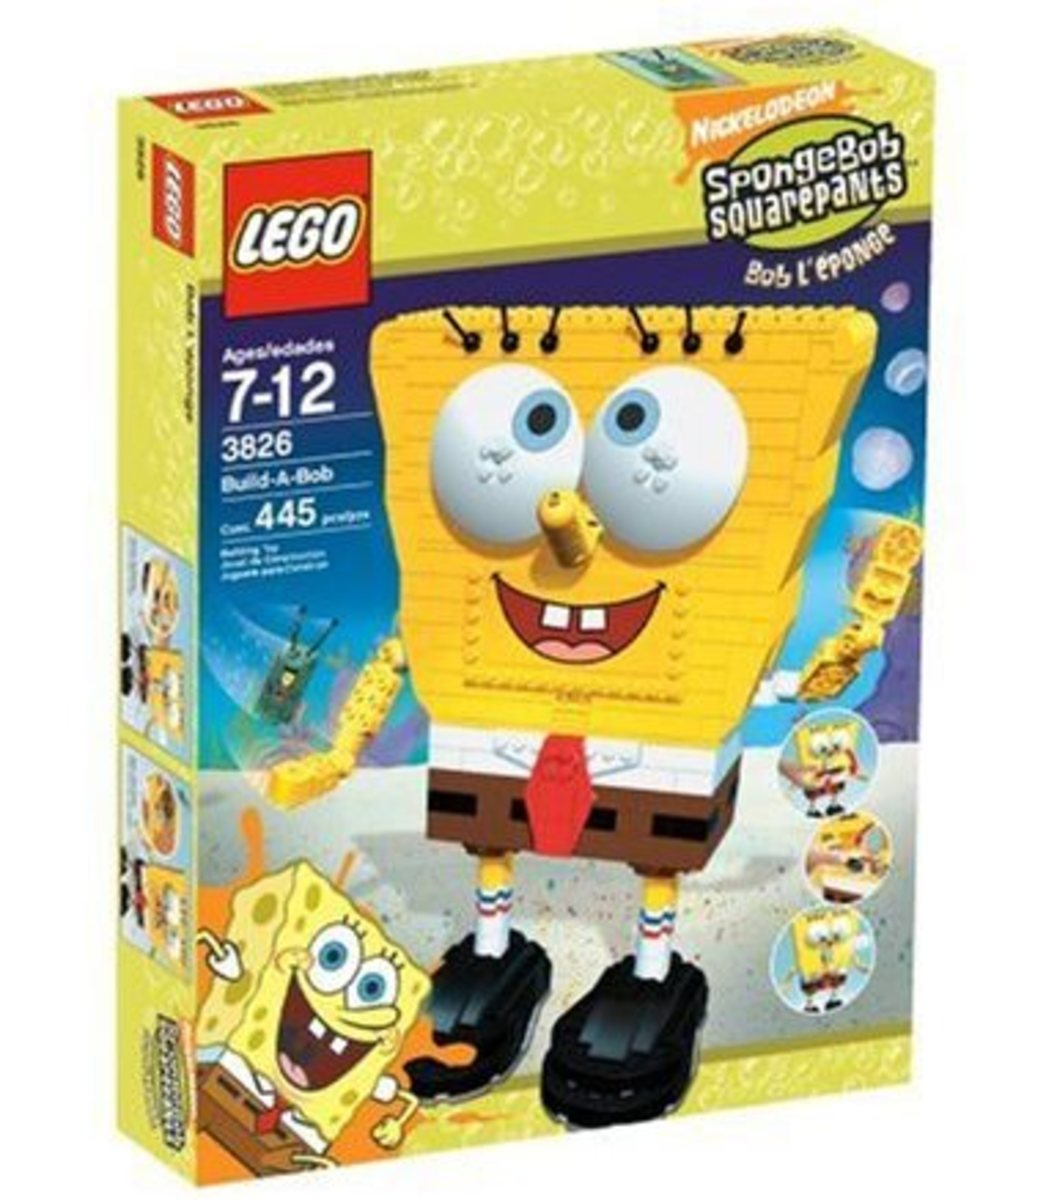 Lego Spongebob Build-A-Bob Set